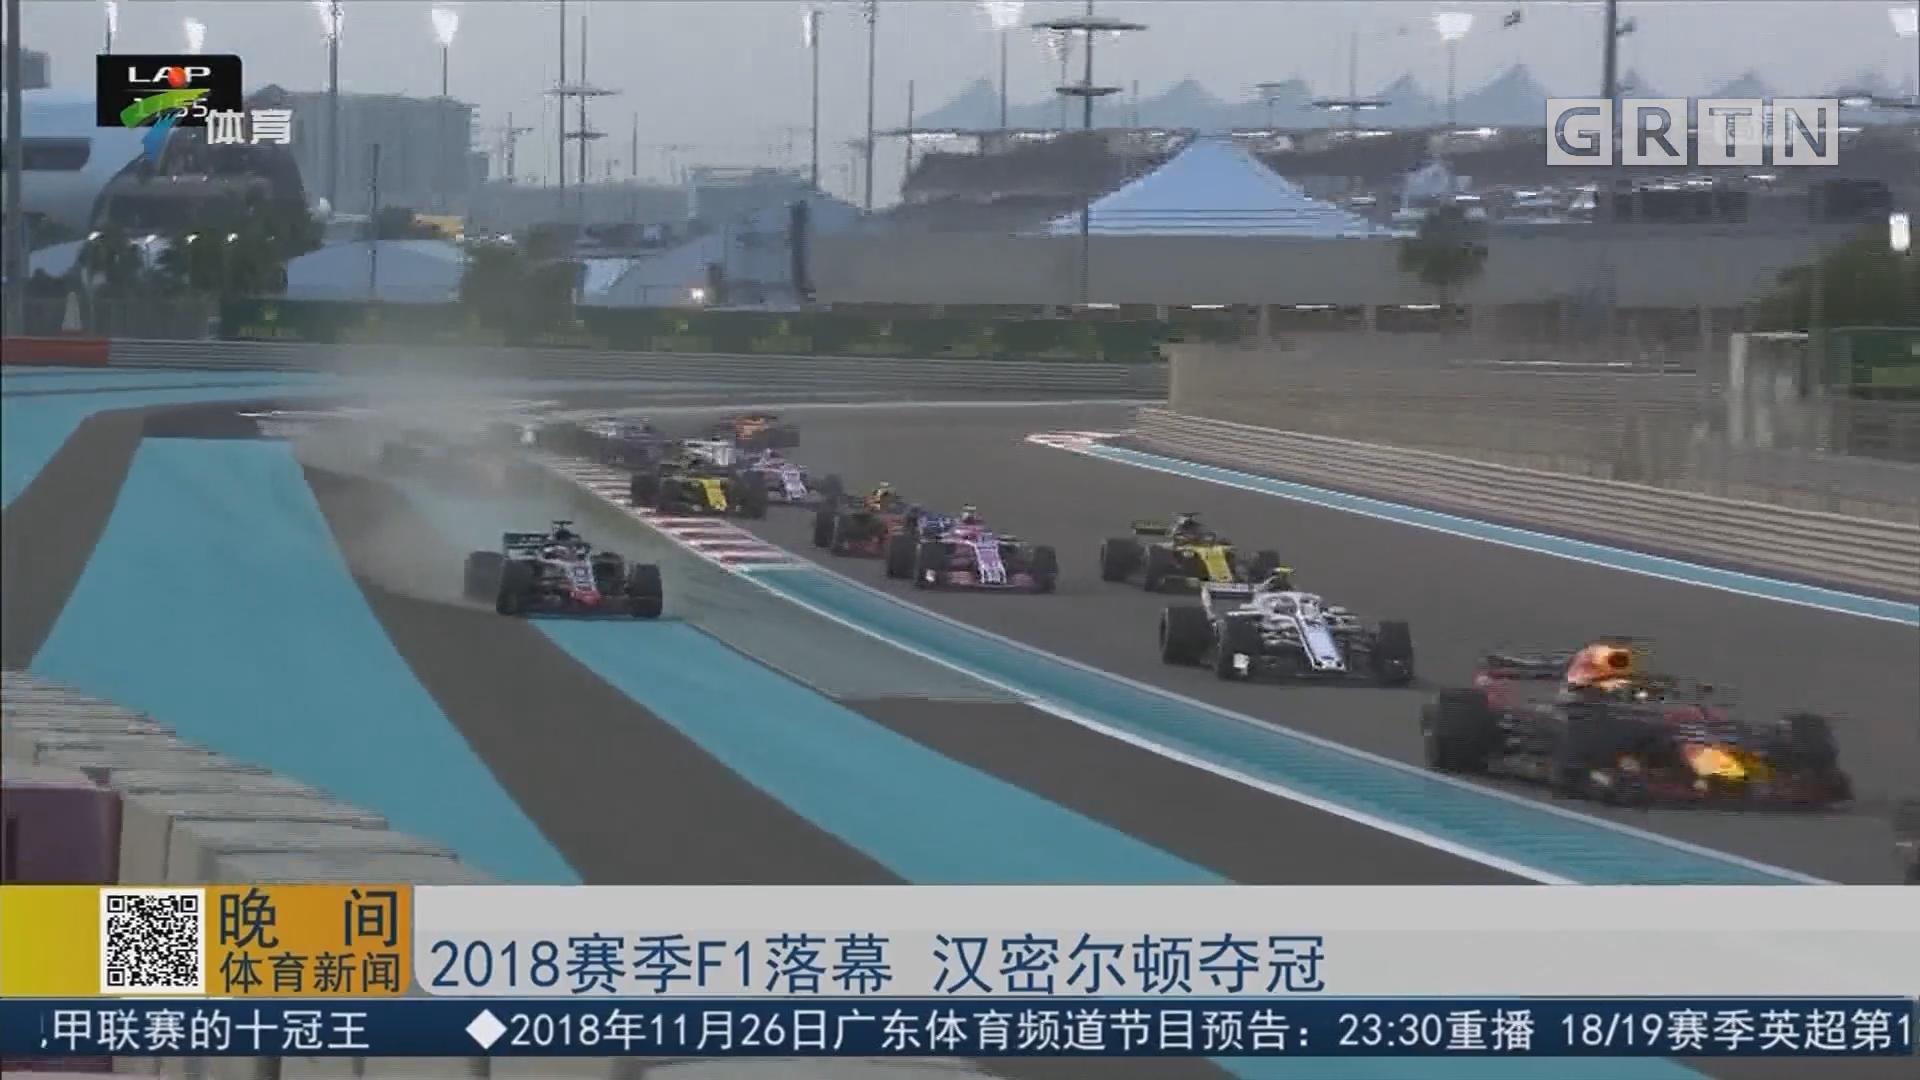 2018赛季F1落幕 汉密尔顿夺冠